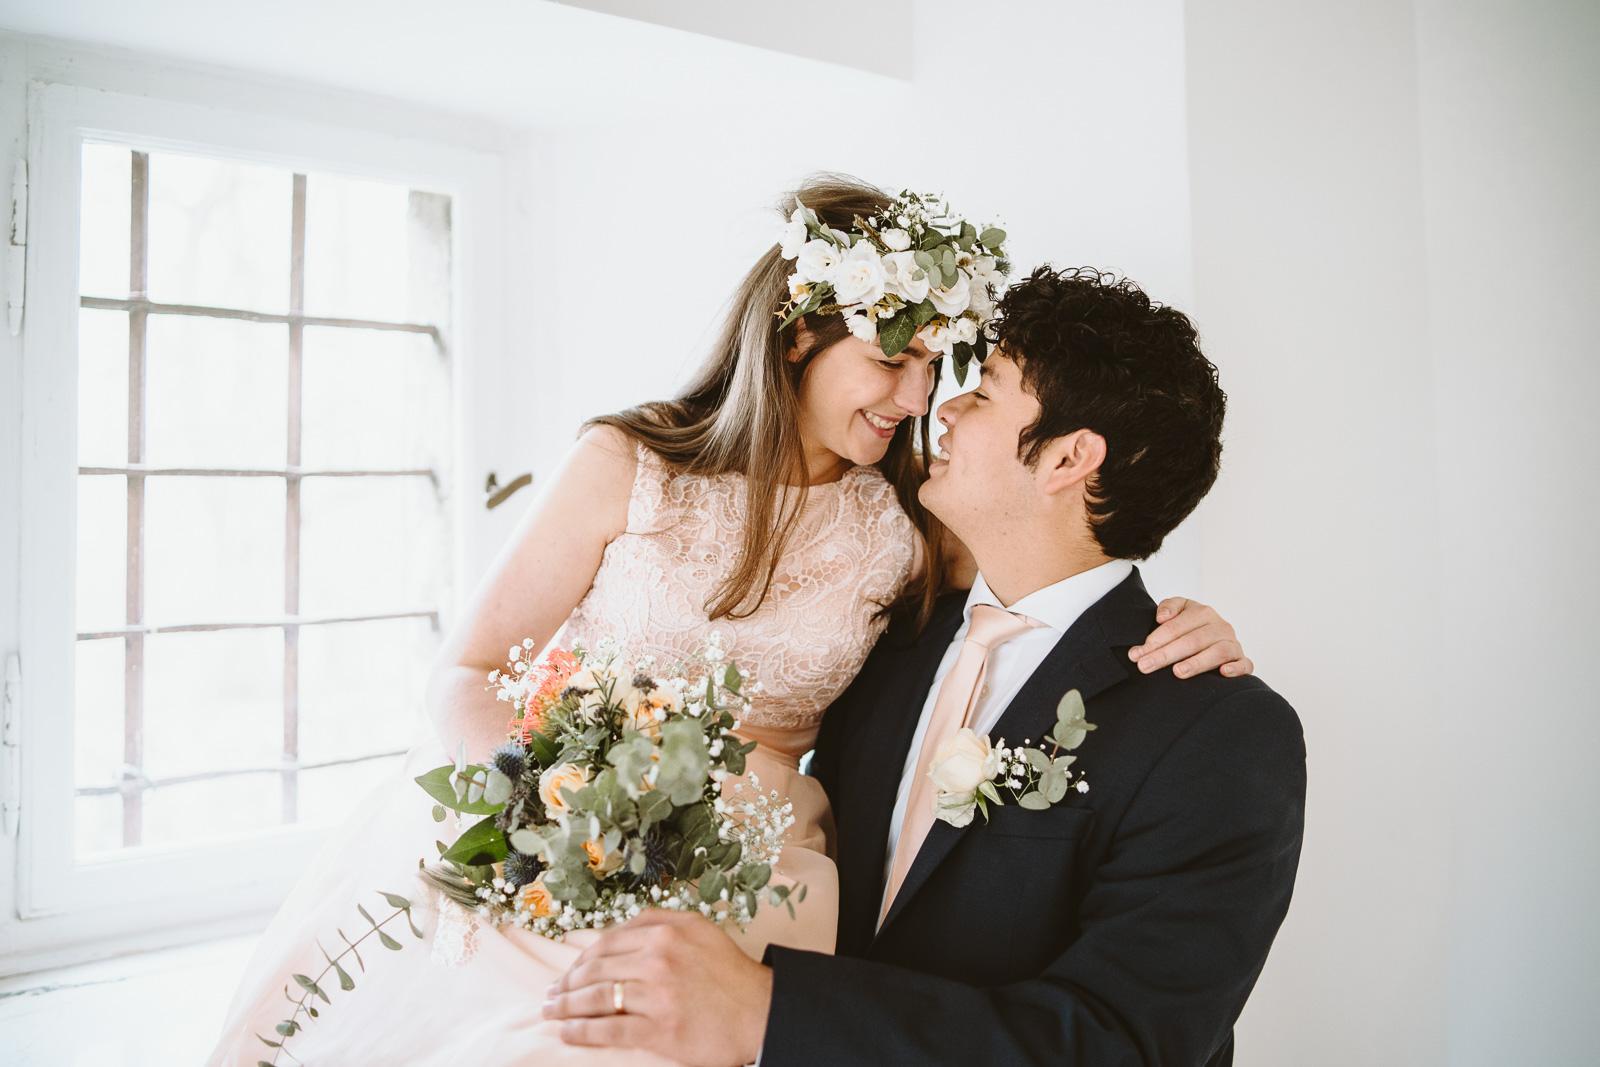 Hochzeitsfotografie - frisch getraut voller Freude zwischen Mann und Frau